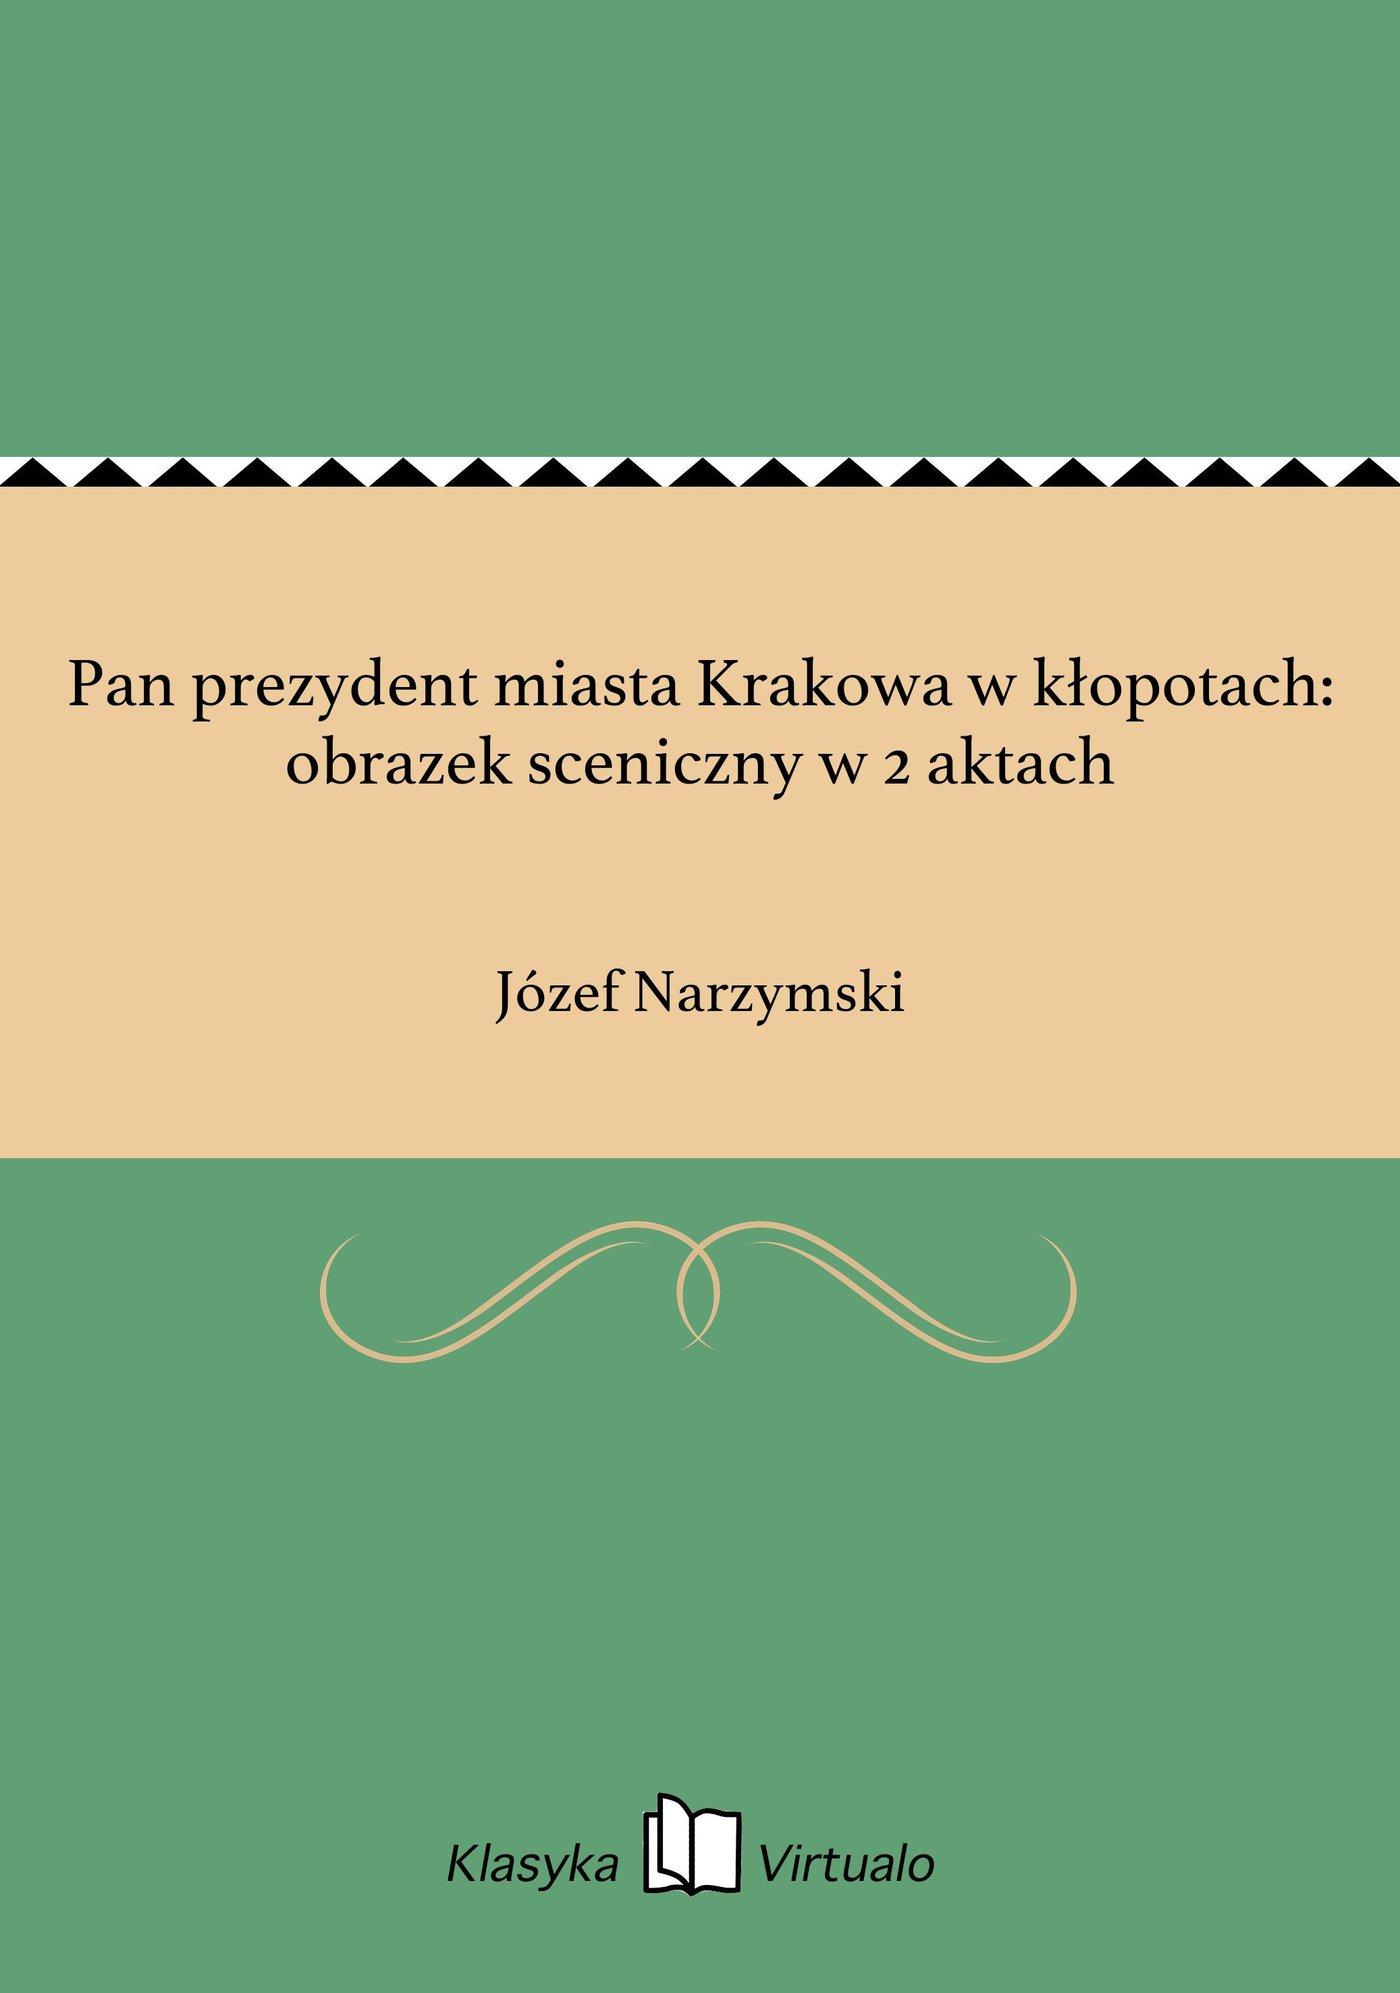 Pan prezydent miasta Krakowa w kłopotach: obrazek sceniczny w 2 aktach - Ebook (Książka EPUB) do pobrania w formacie EPUB